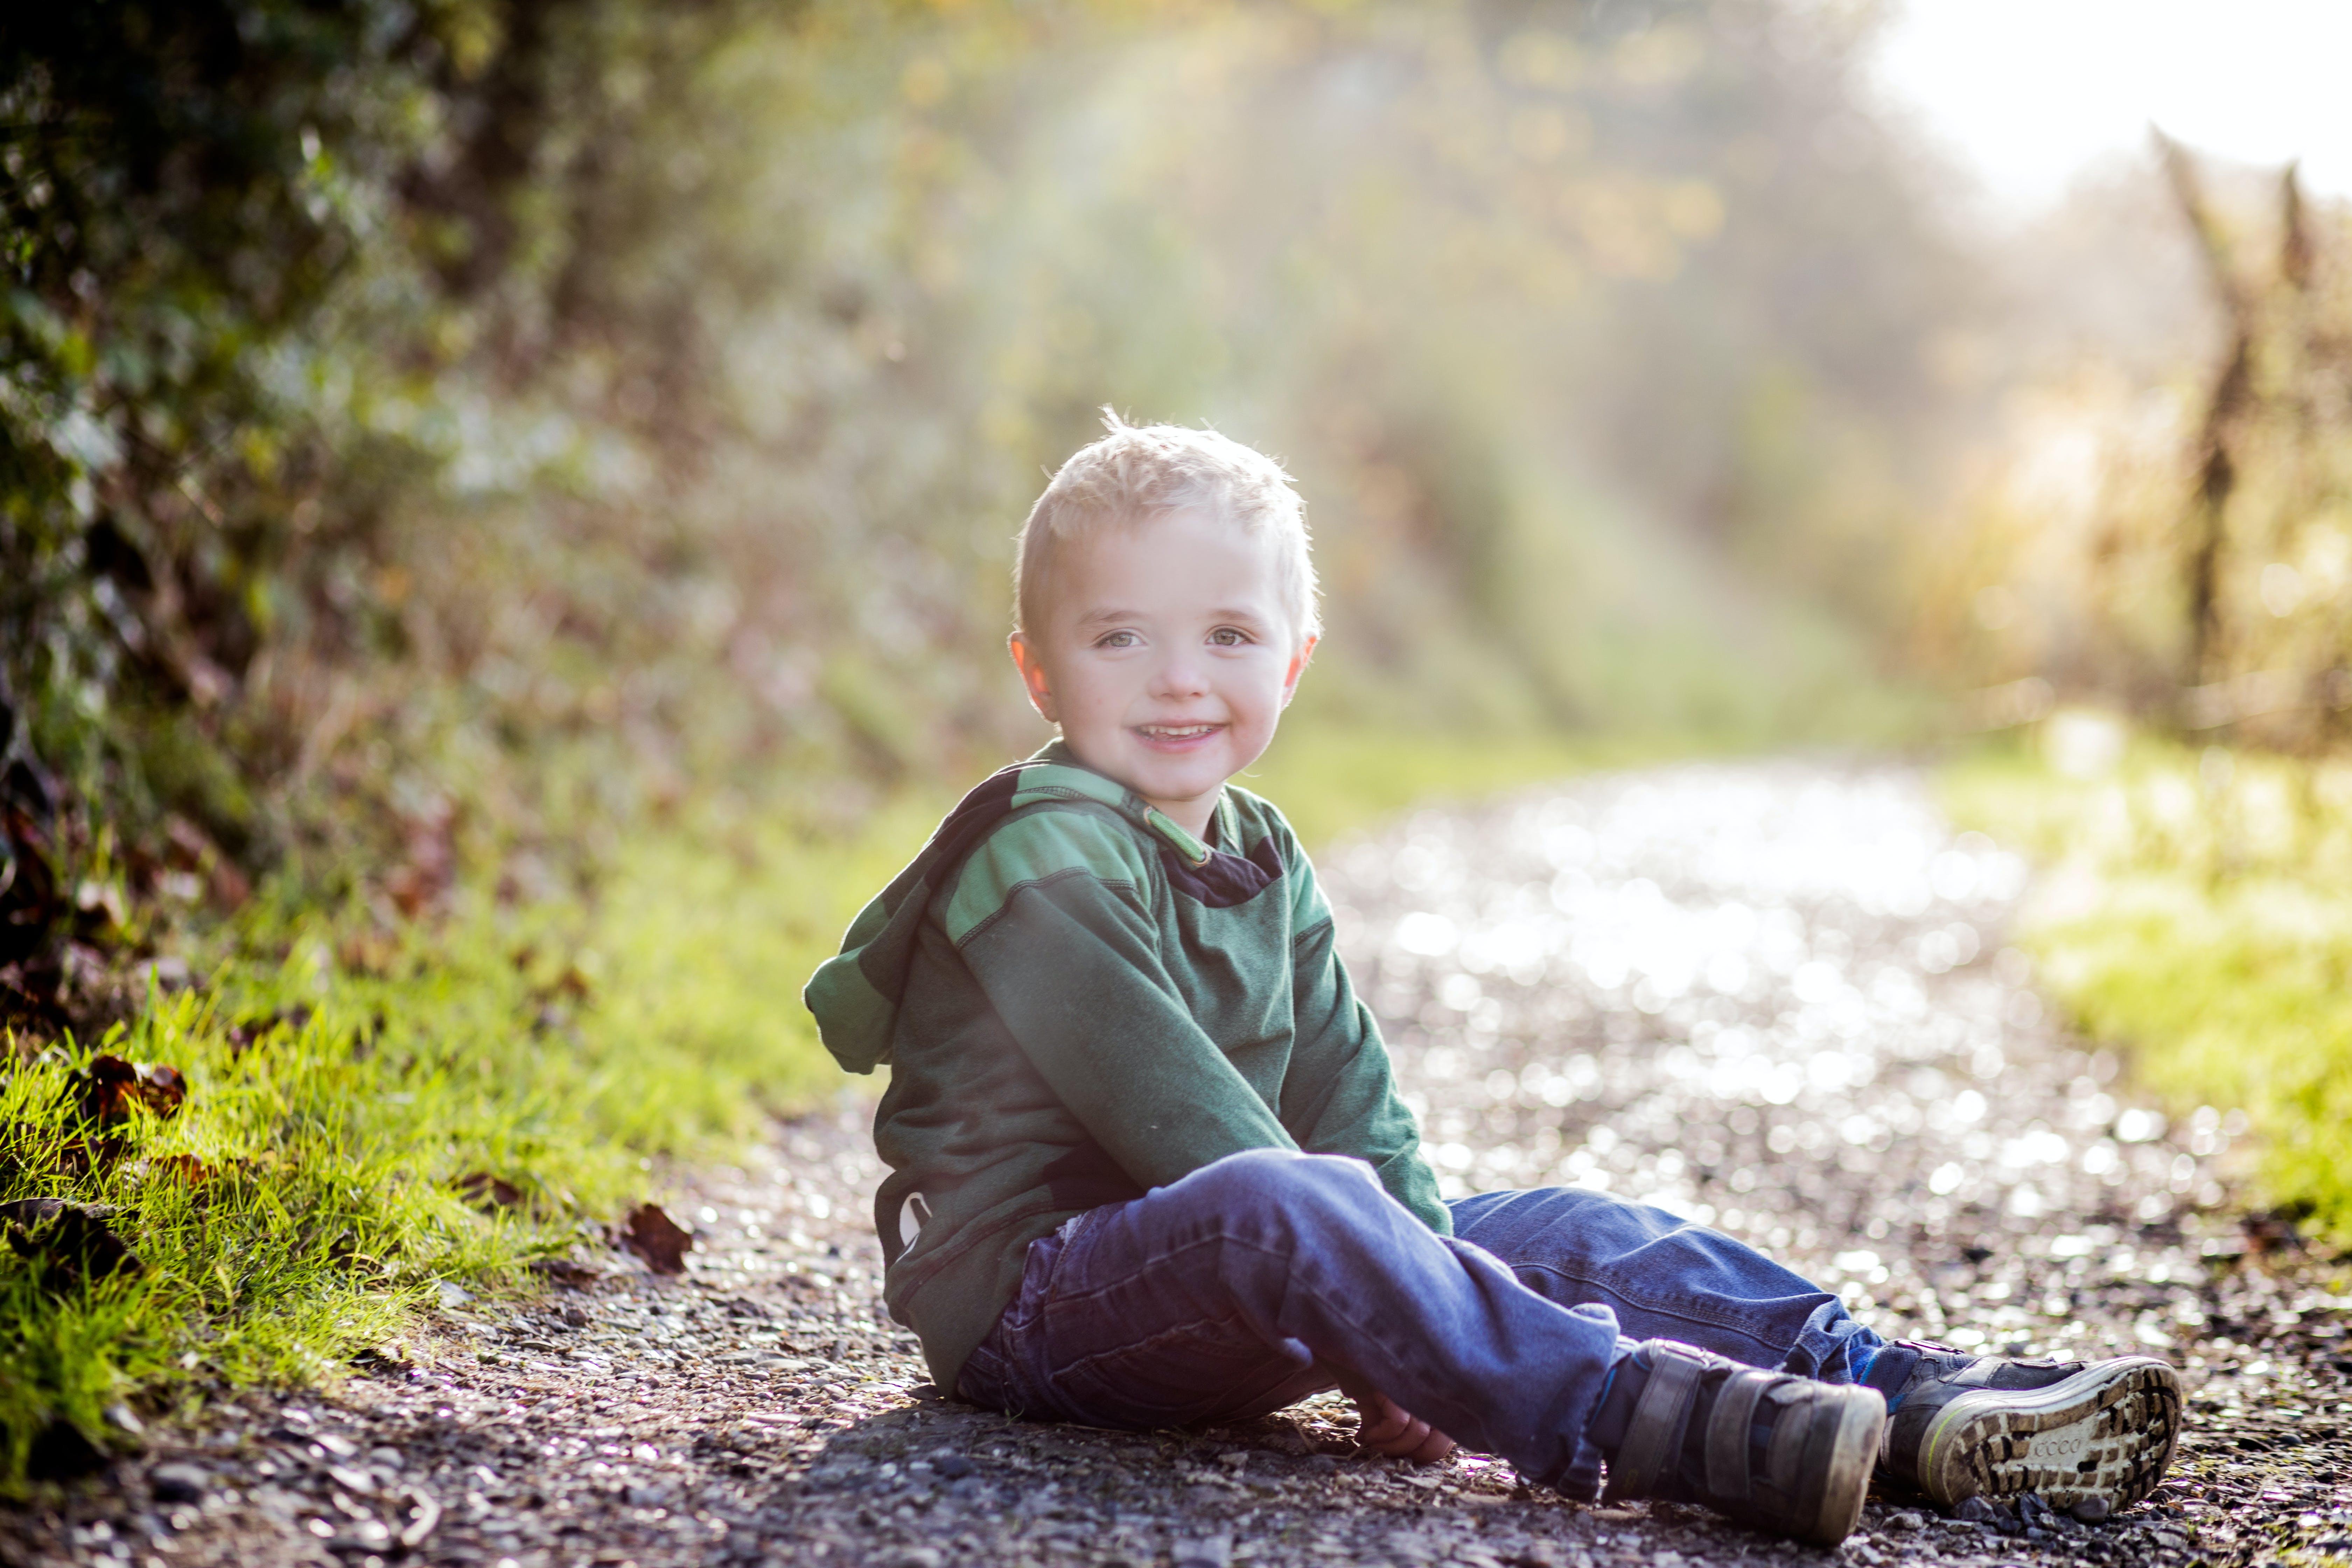 Boy Sitting On Ground